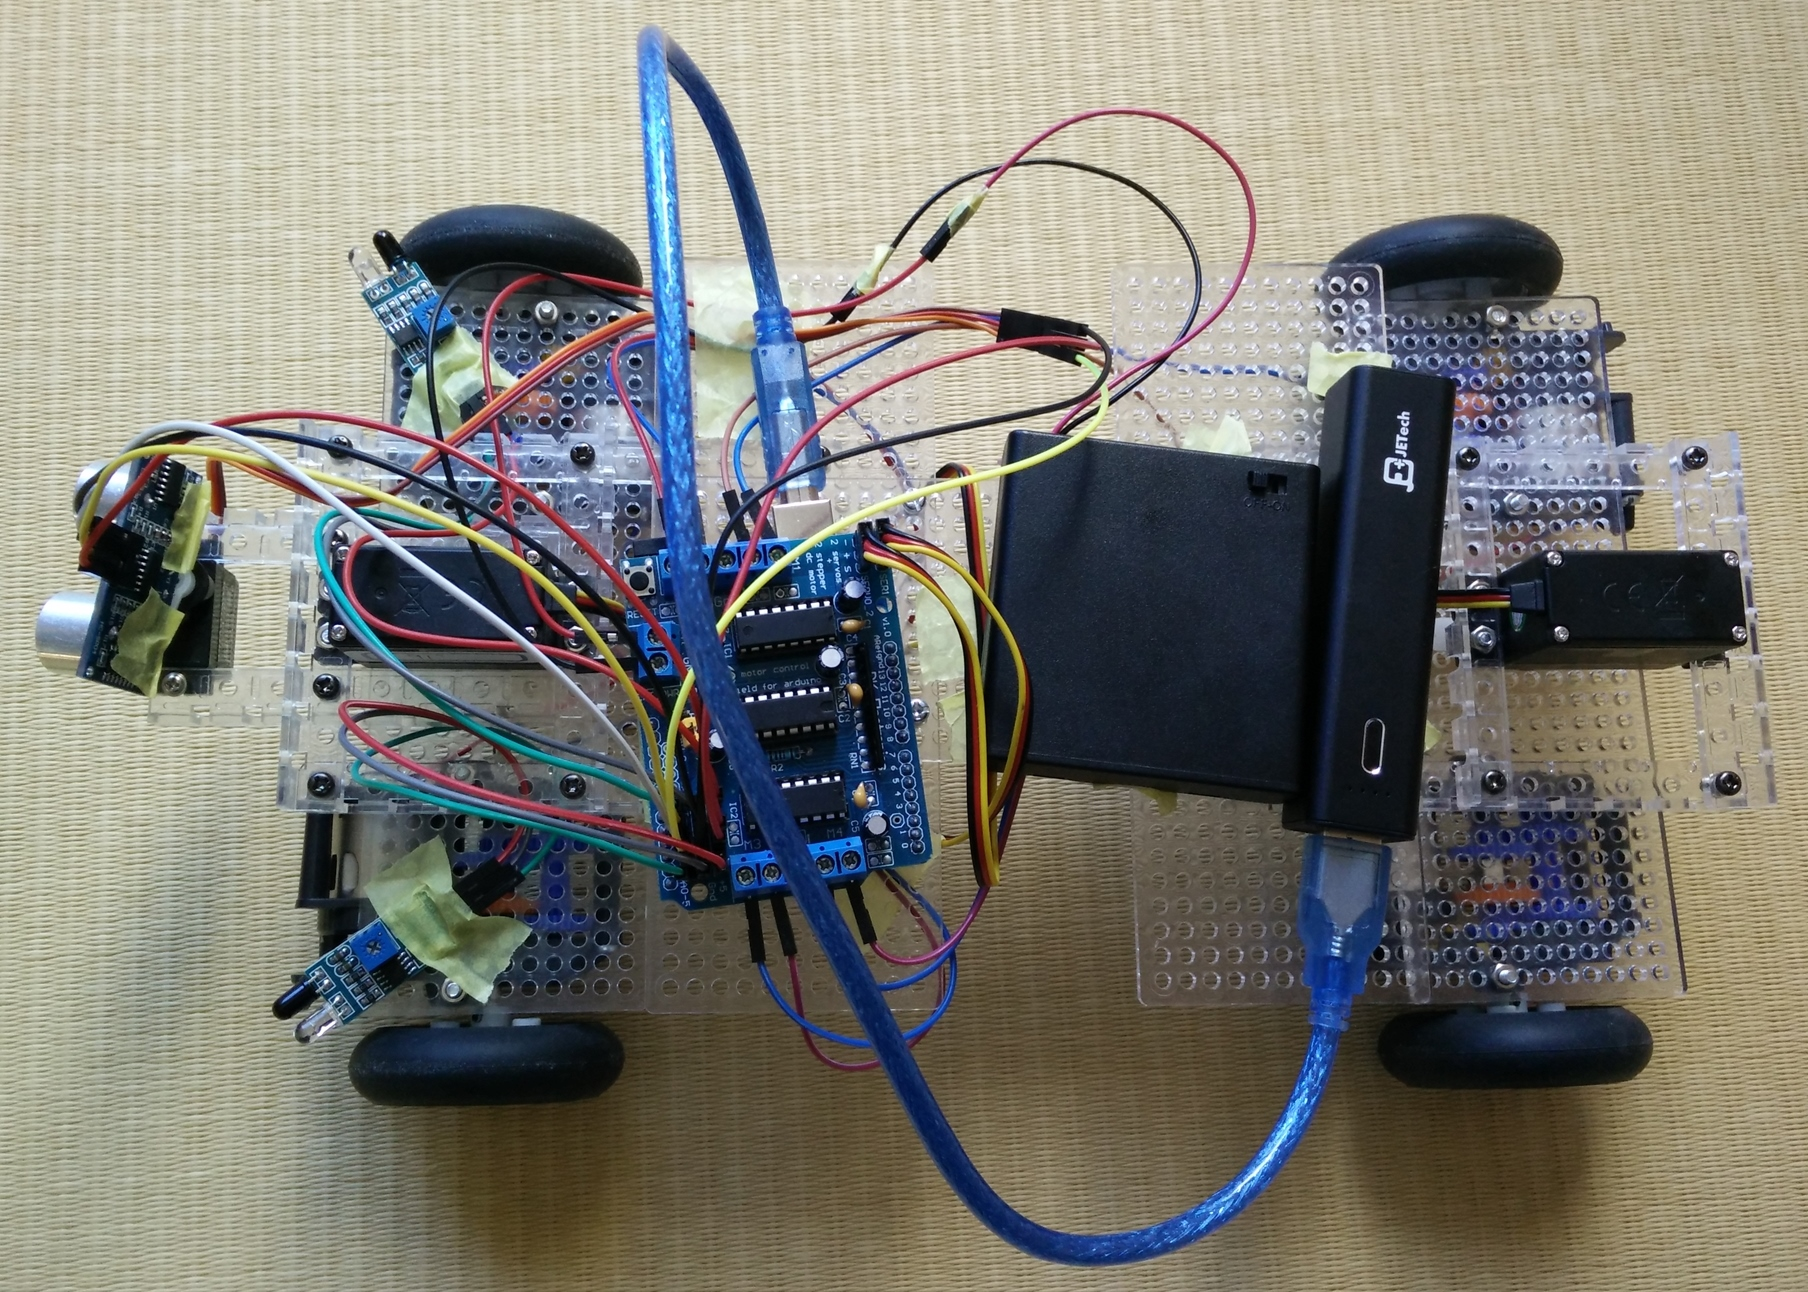 Arduino Uno互換機を使って斜めに移動できる4WD車を作った。